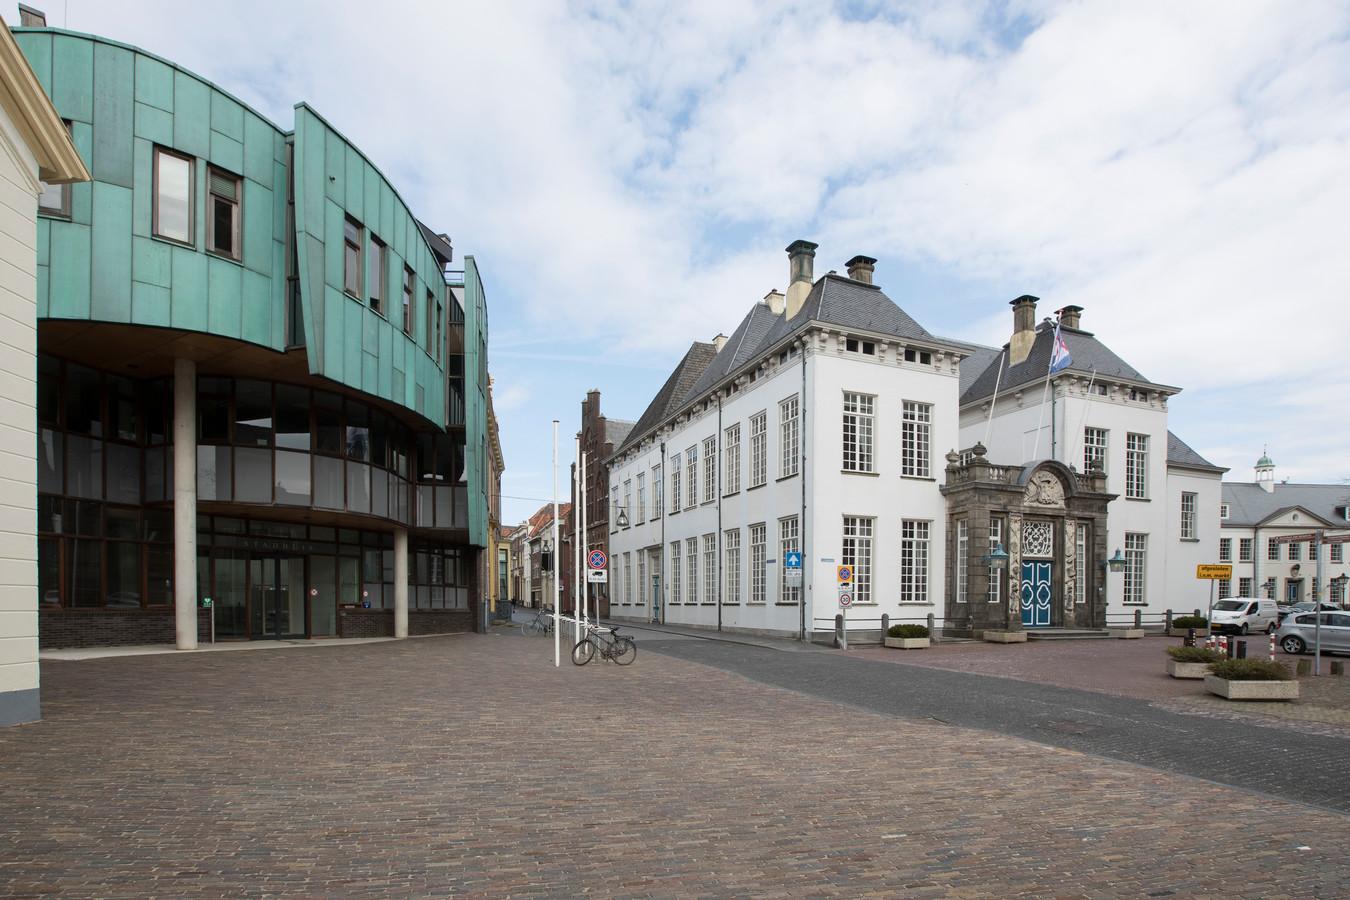 Het stadhuis in Zutphen, een plek die veel ambtenaren het afgelopen jaar niet gezien hebben omdat ze thuiswerken.